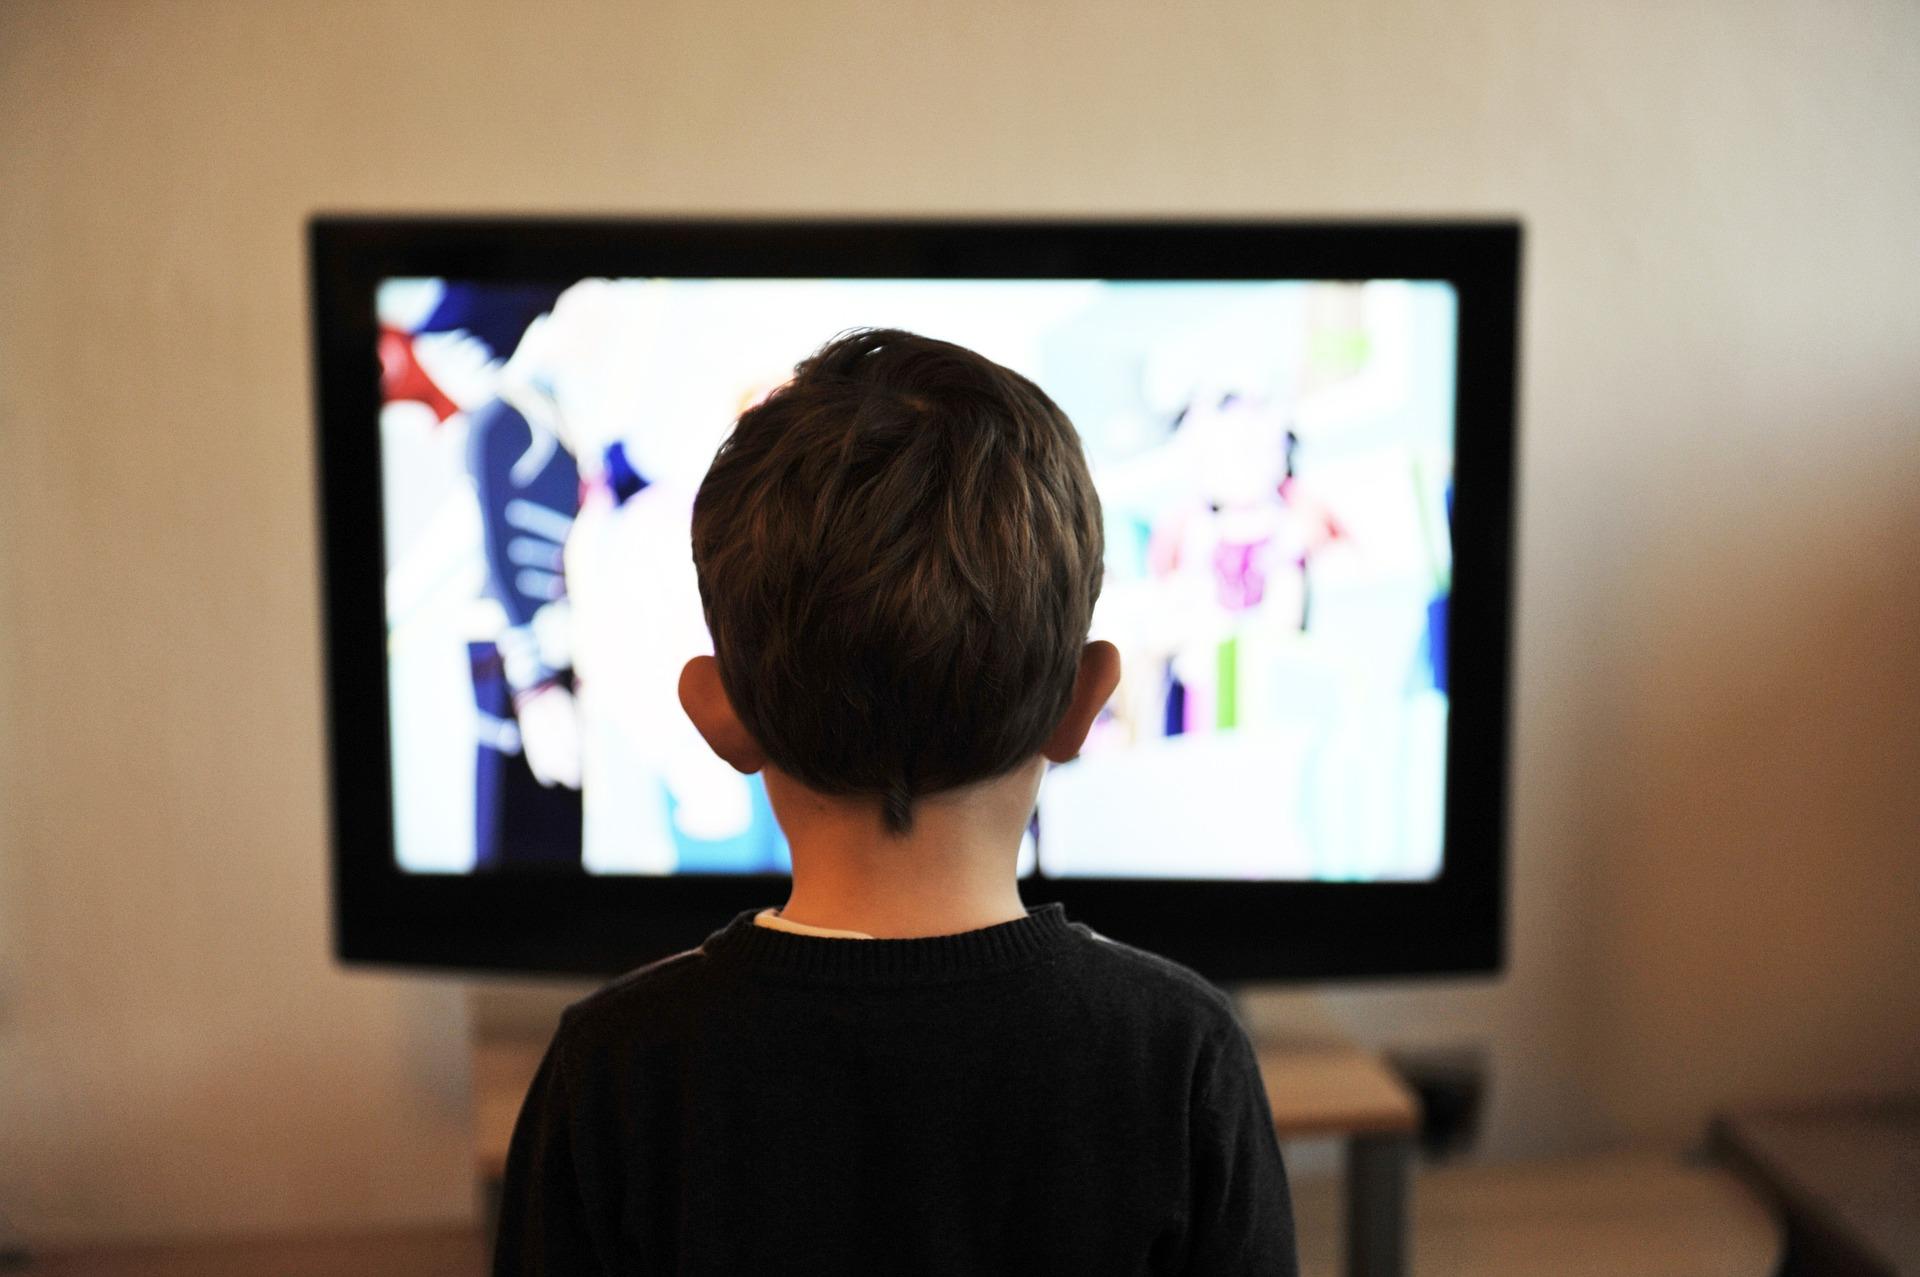 子供がテレビを見ている